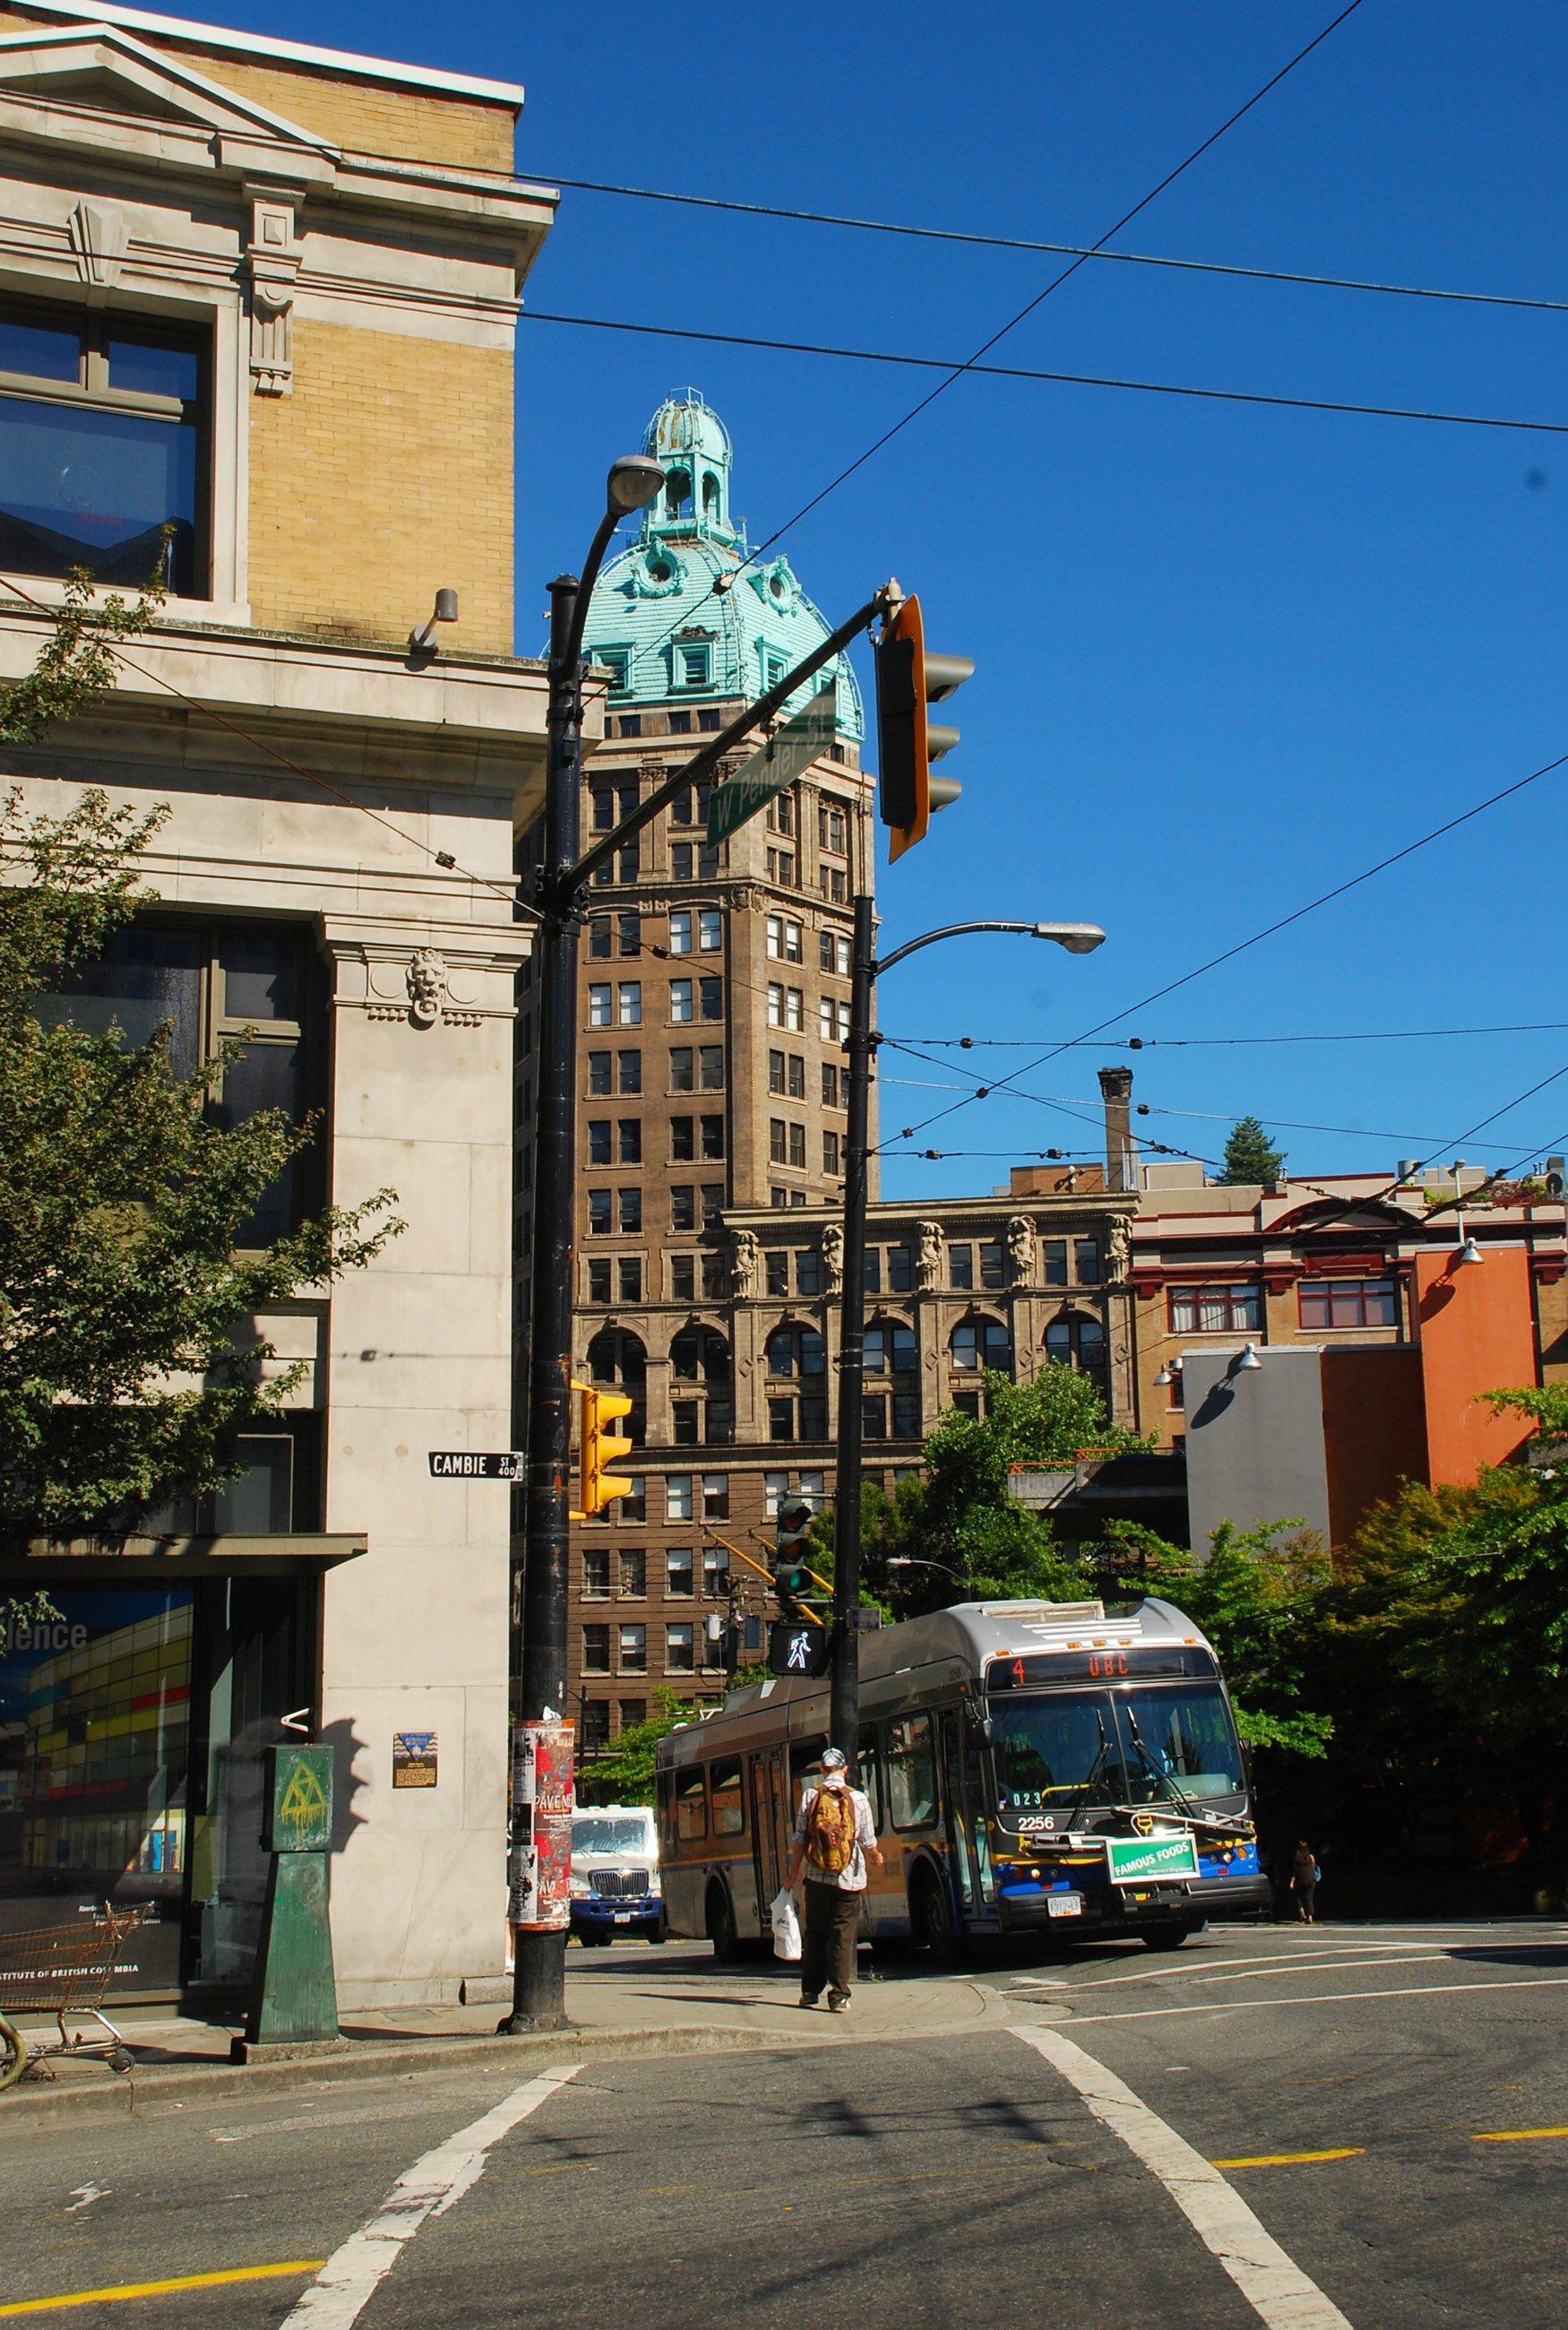 sokaklar ve otobüs